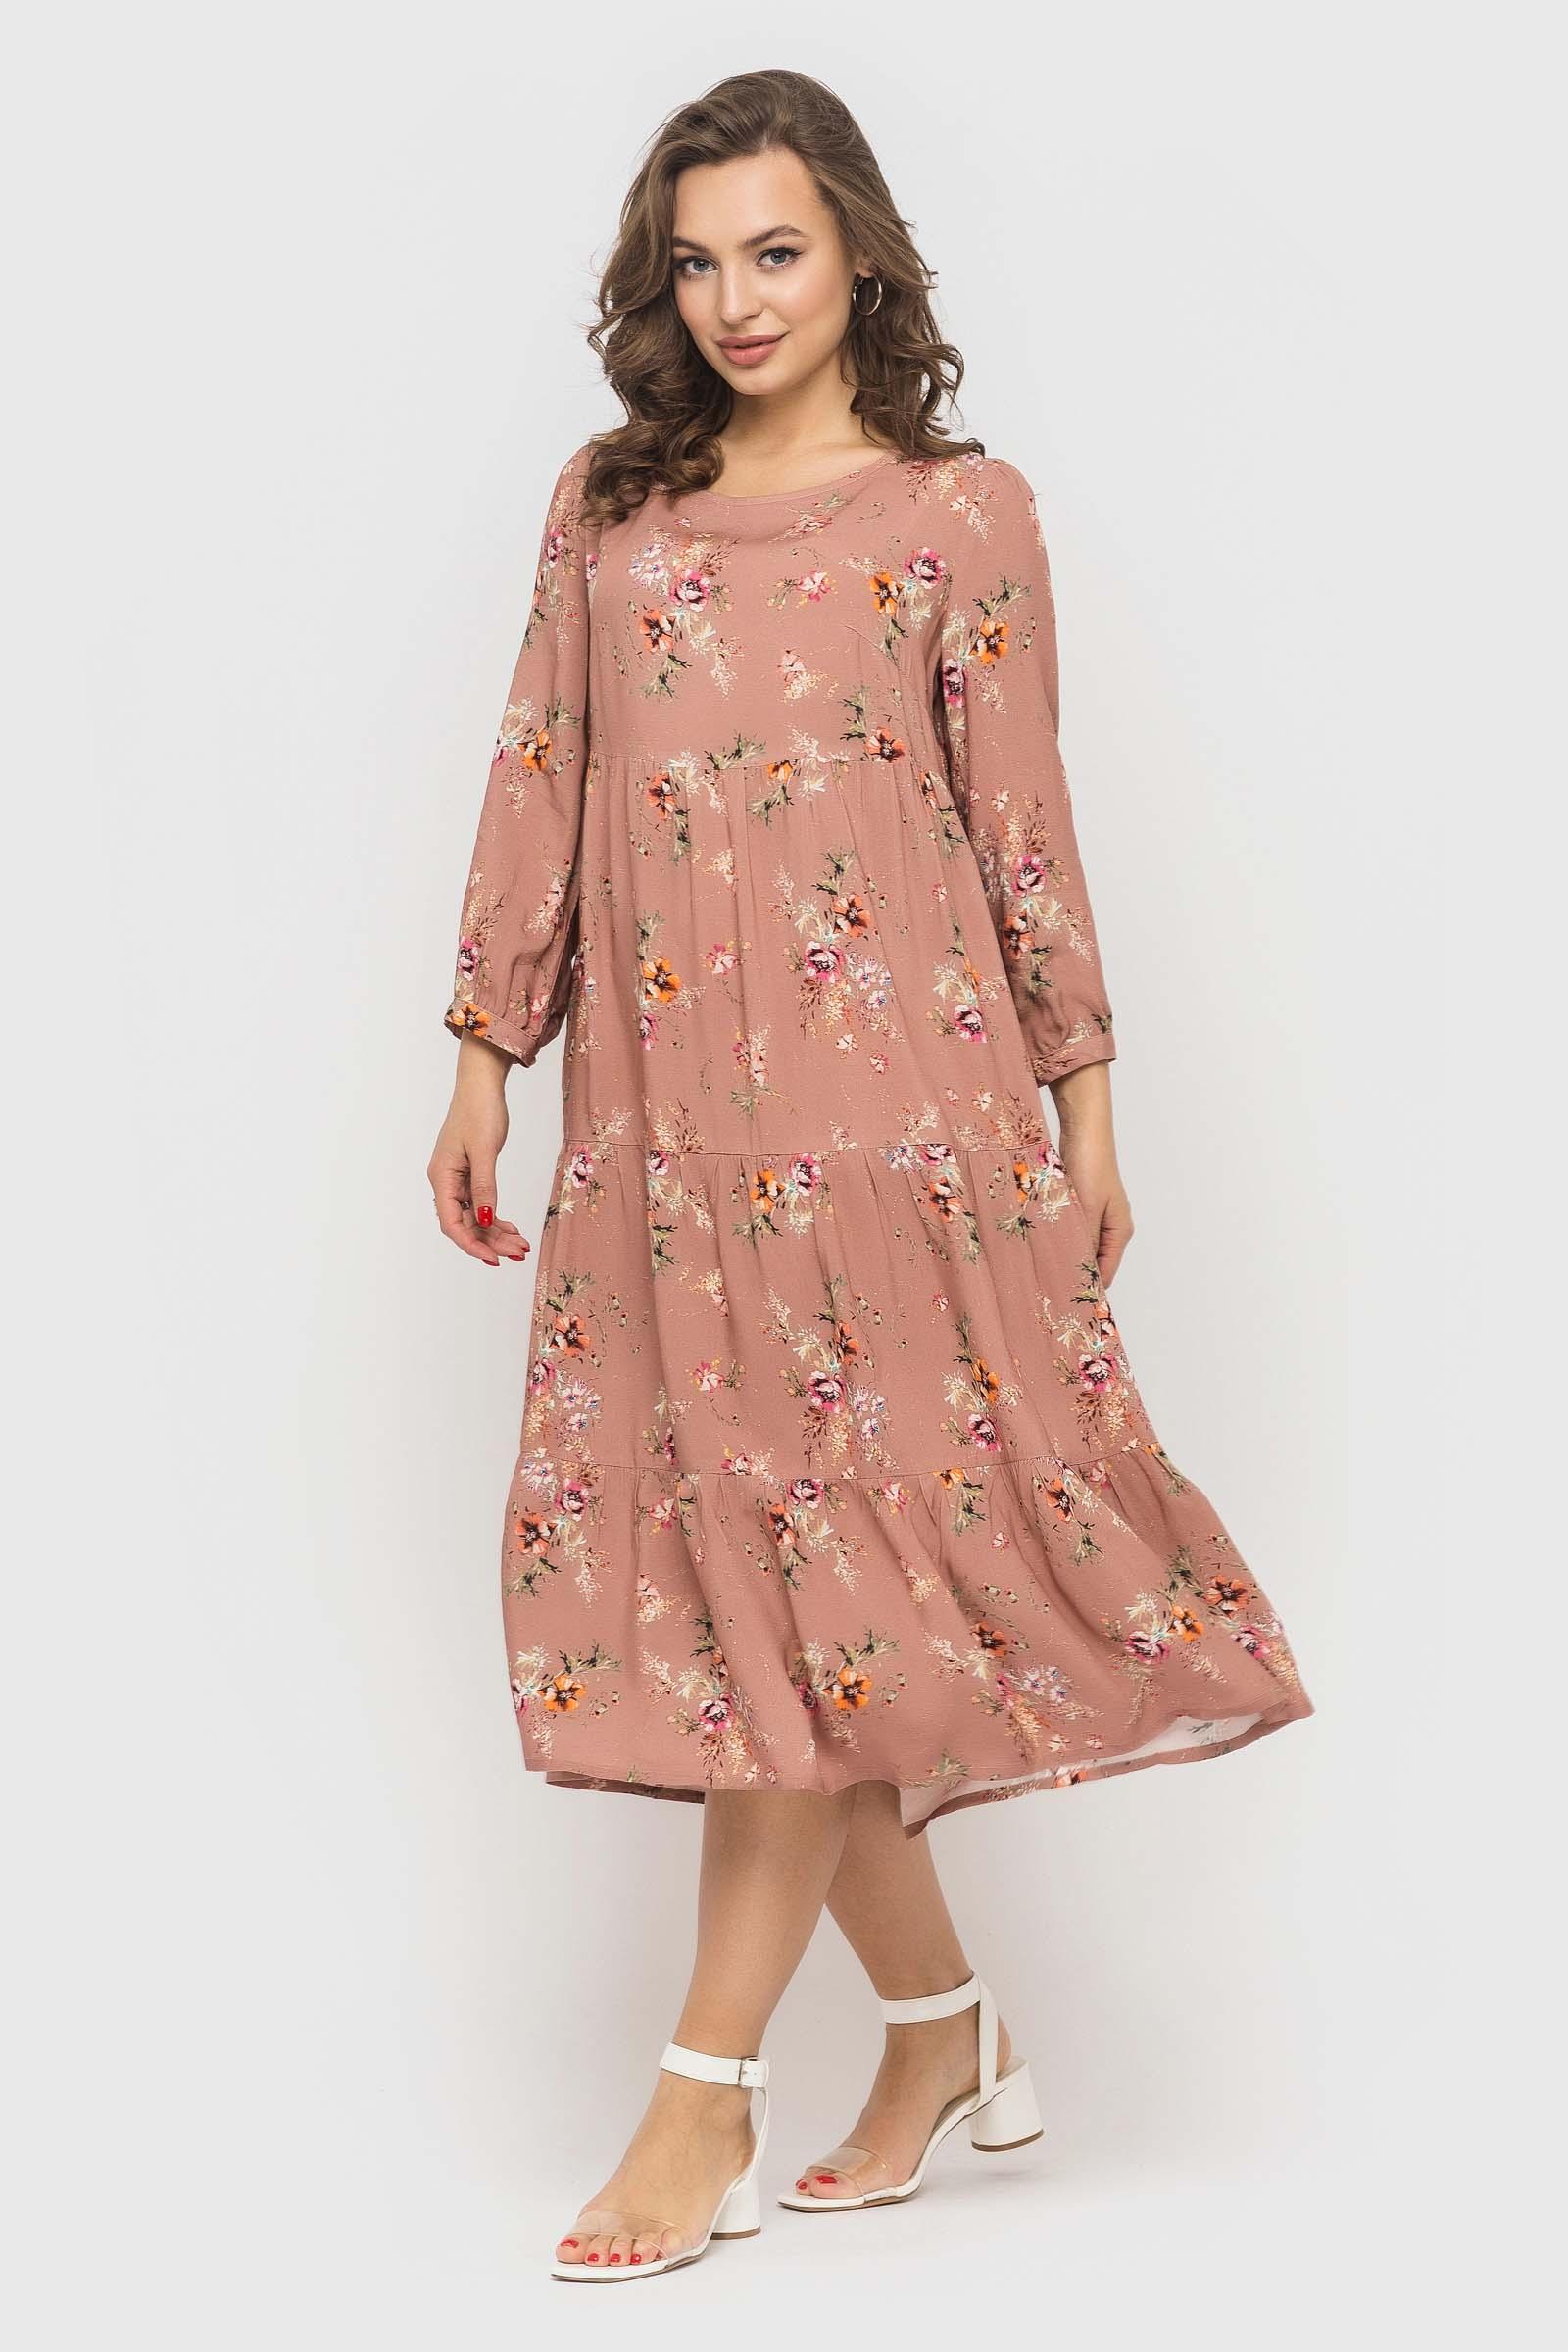 Нежное пудровое платье с цветочным принтом